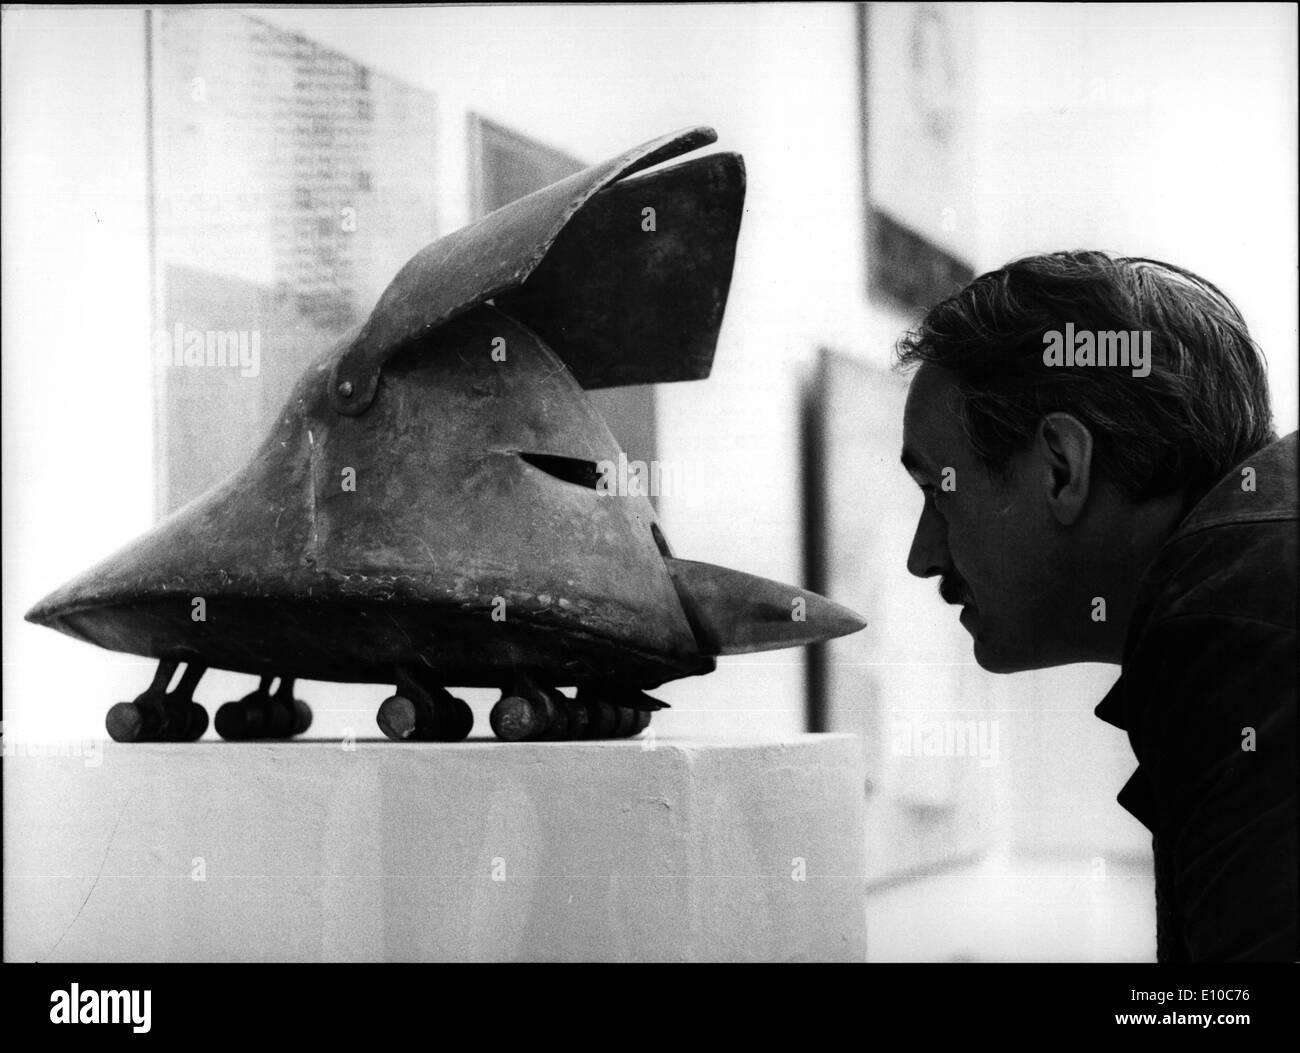 """6. Juni 1972 - 23. großen Kunst Ausstellung in The Munich '' Haus der Kunst '' sehr beeindruckend und interessant die Ausstellung öffnet am 9. Juni, wird bis zum 10. September dauern. Drei Hauptgruppen von Künstler zeigen ihre Werke, """"Neue Gruppe"""" präsentiert 458 Kreationen von 302 Künstlern '' Secession'' zeigt 303 Kreationen 144 Mitglieder und '' neuen Künstlervereinigung München '' präsentiert 310 Kreationen von 170 Künstlern. Es bezieht sich auf Gemälde, Radierungen, Grafik usw.. Ops: '' Bellum'', eine interessante Bronze (70 x 34 cm) von 30 Jahre alten Gernot Rumpf aus Neustadt, Deutschland. Stockbild"""